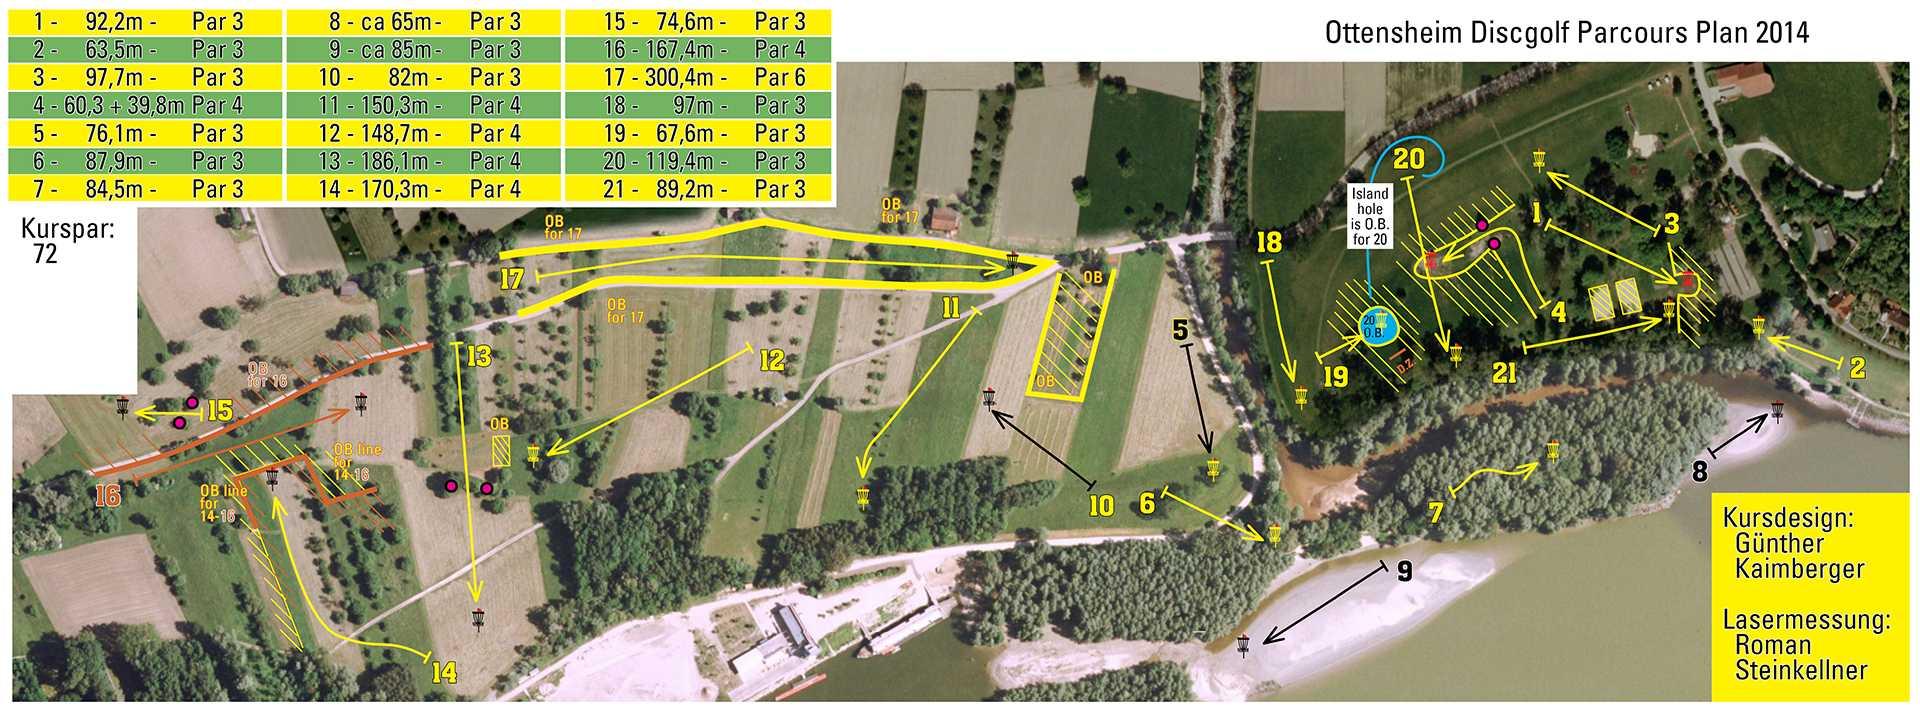 Parcoursplan Ottensheim Open 2014